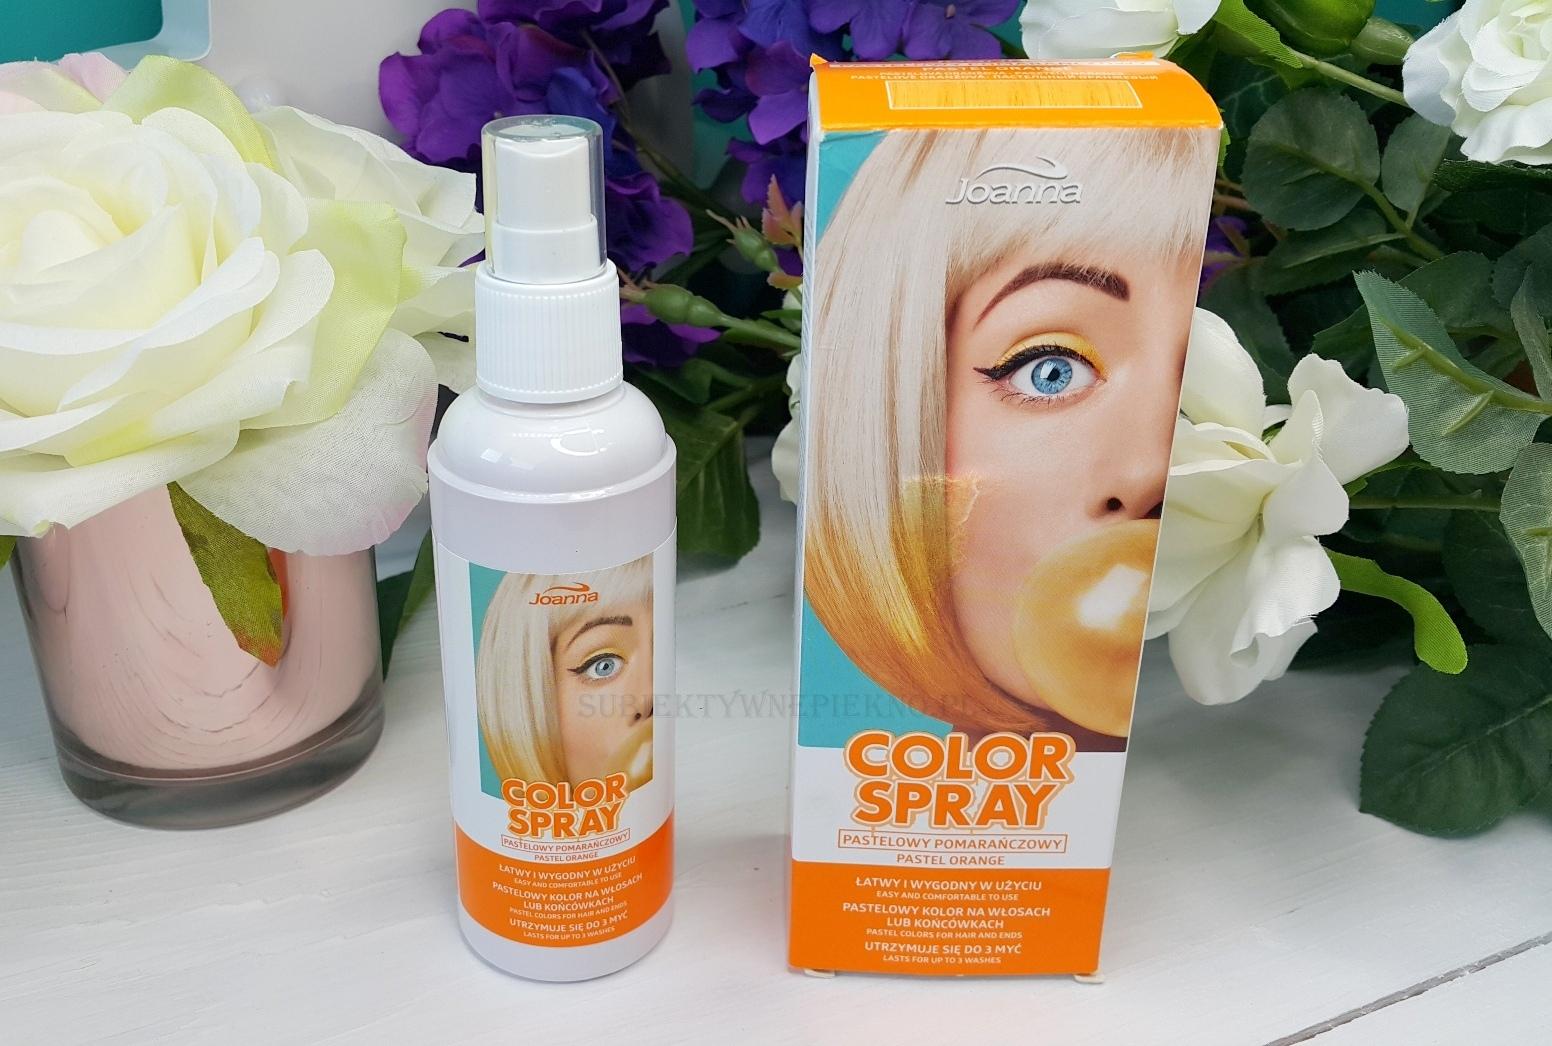 Joanna Color Spray - pastelowy pomarańczowy